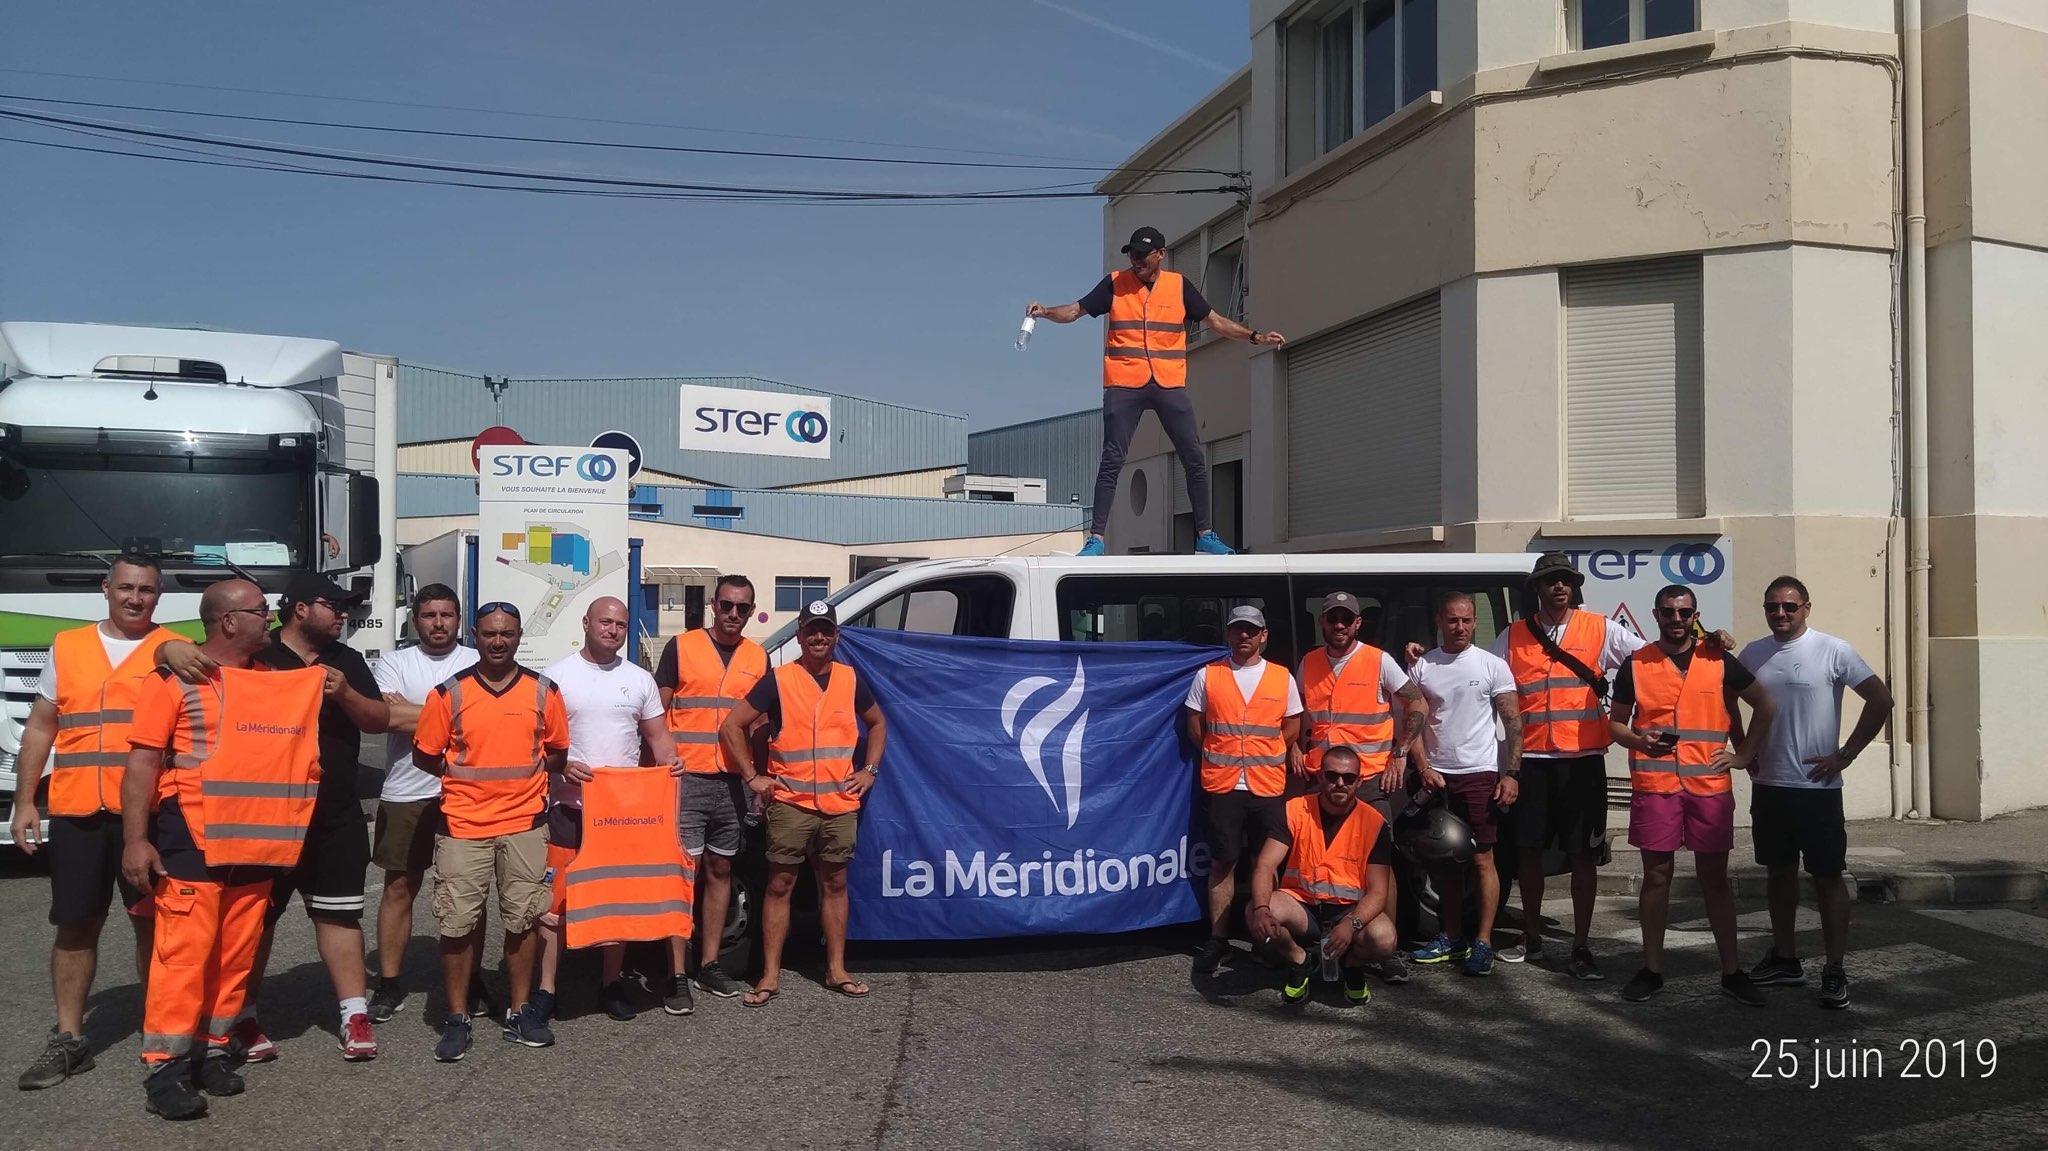 Les grévistes de La Méridionale bloquent une plateforme du groupe STEF à Marseille